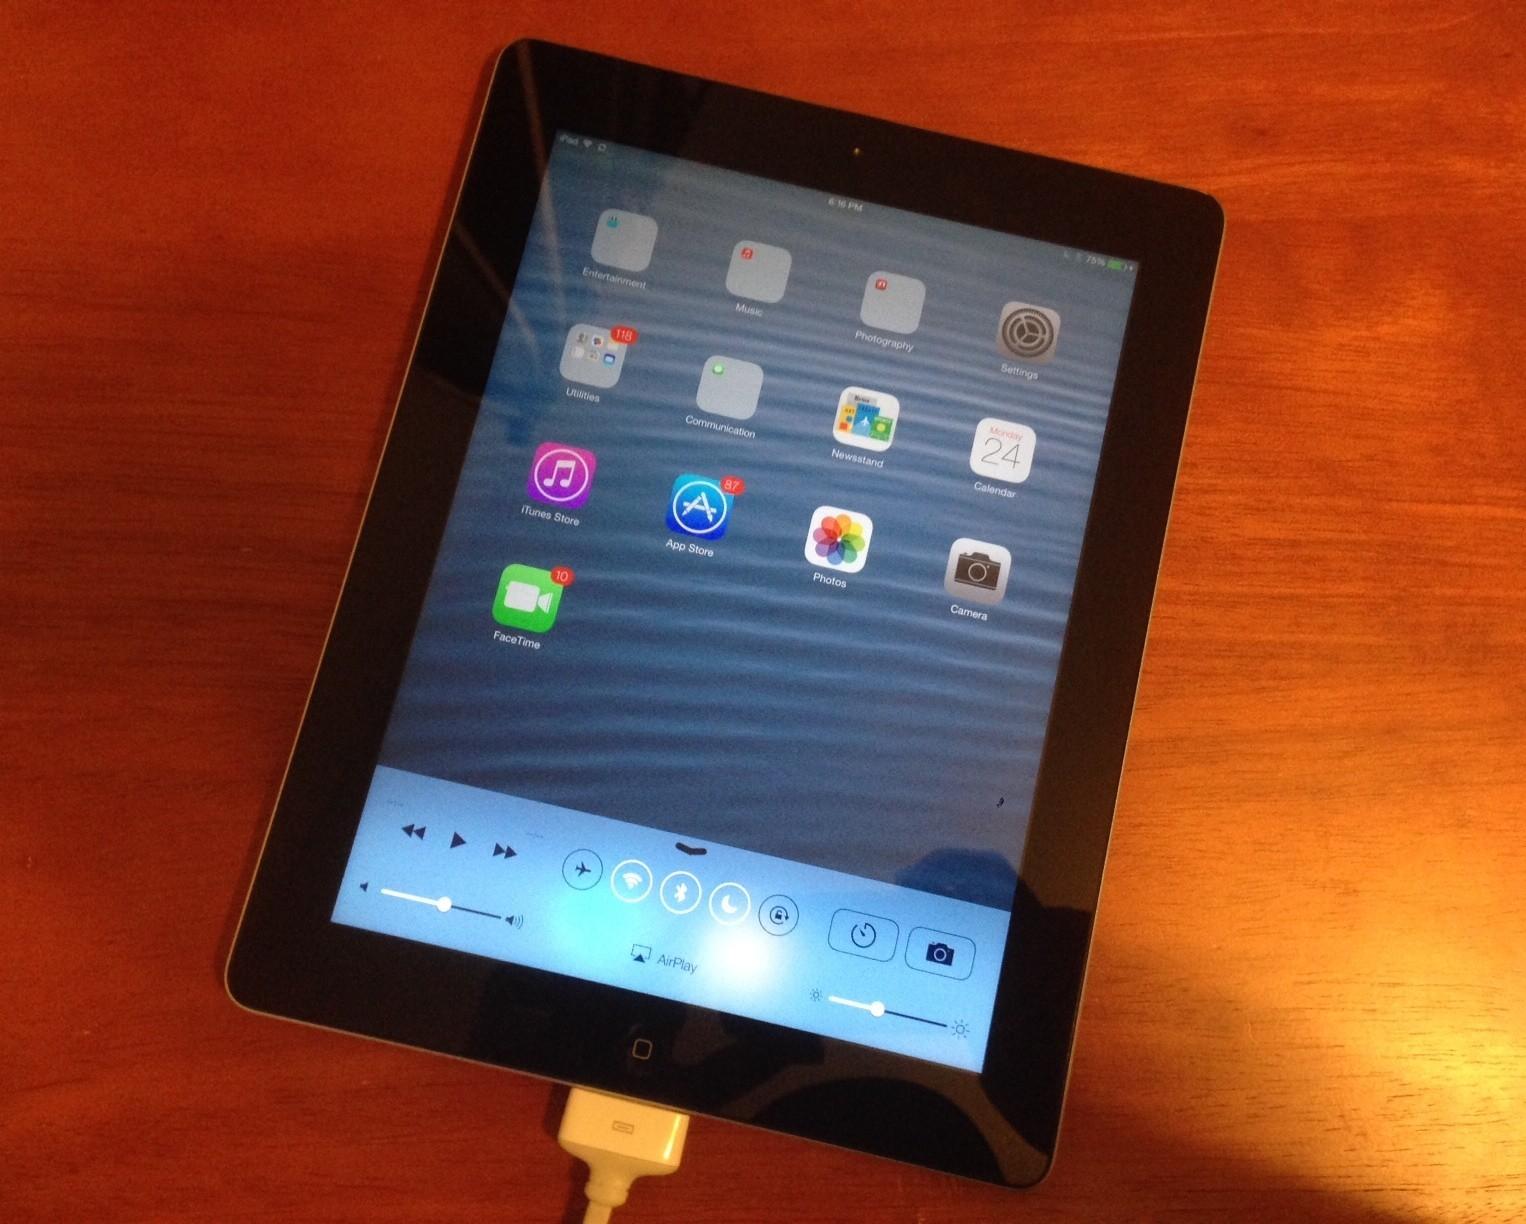 đánh giá iPad 3 6